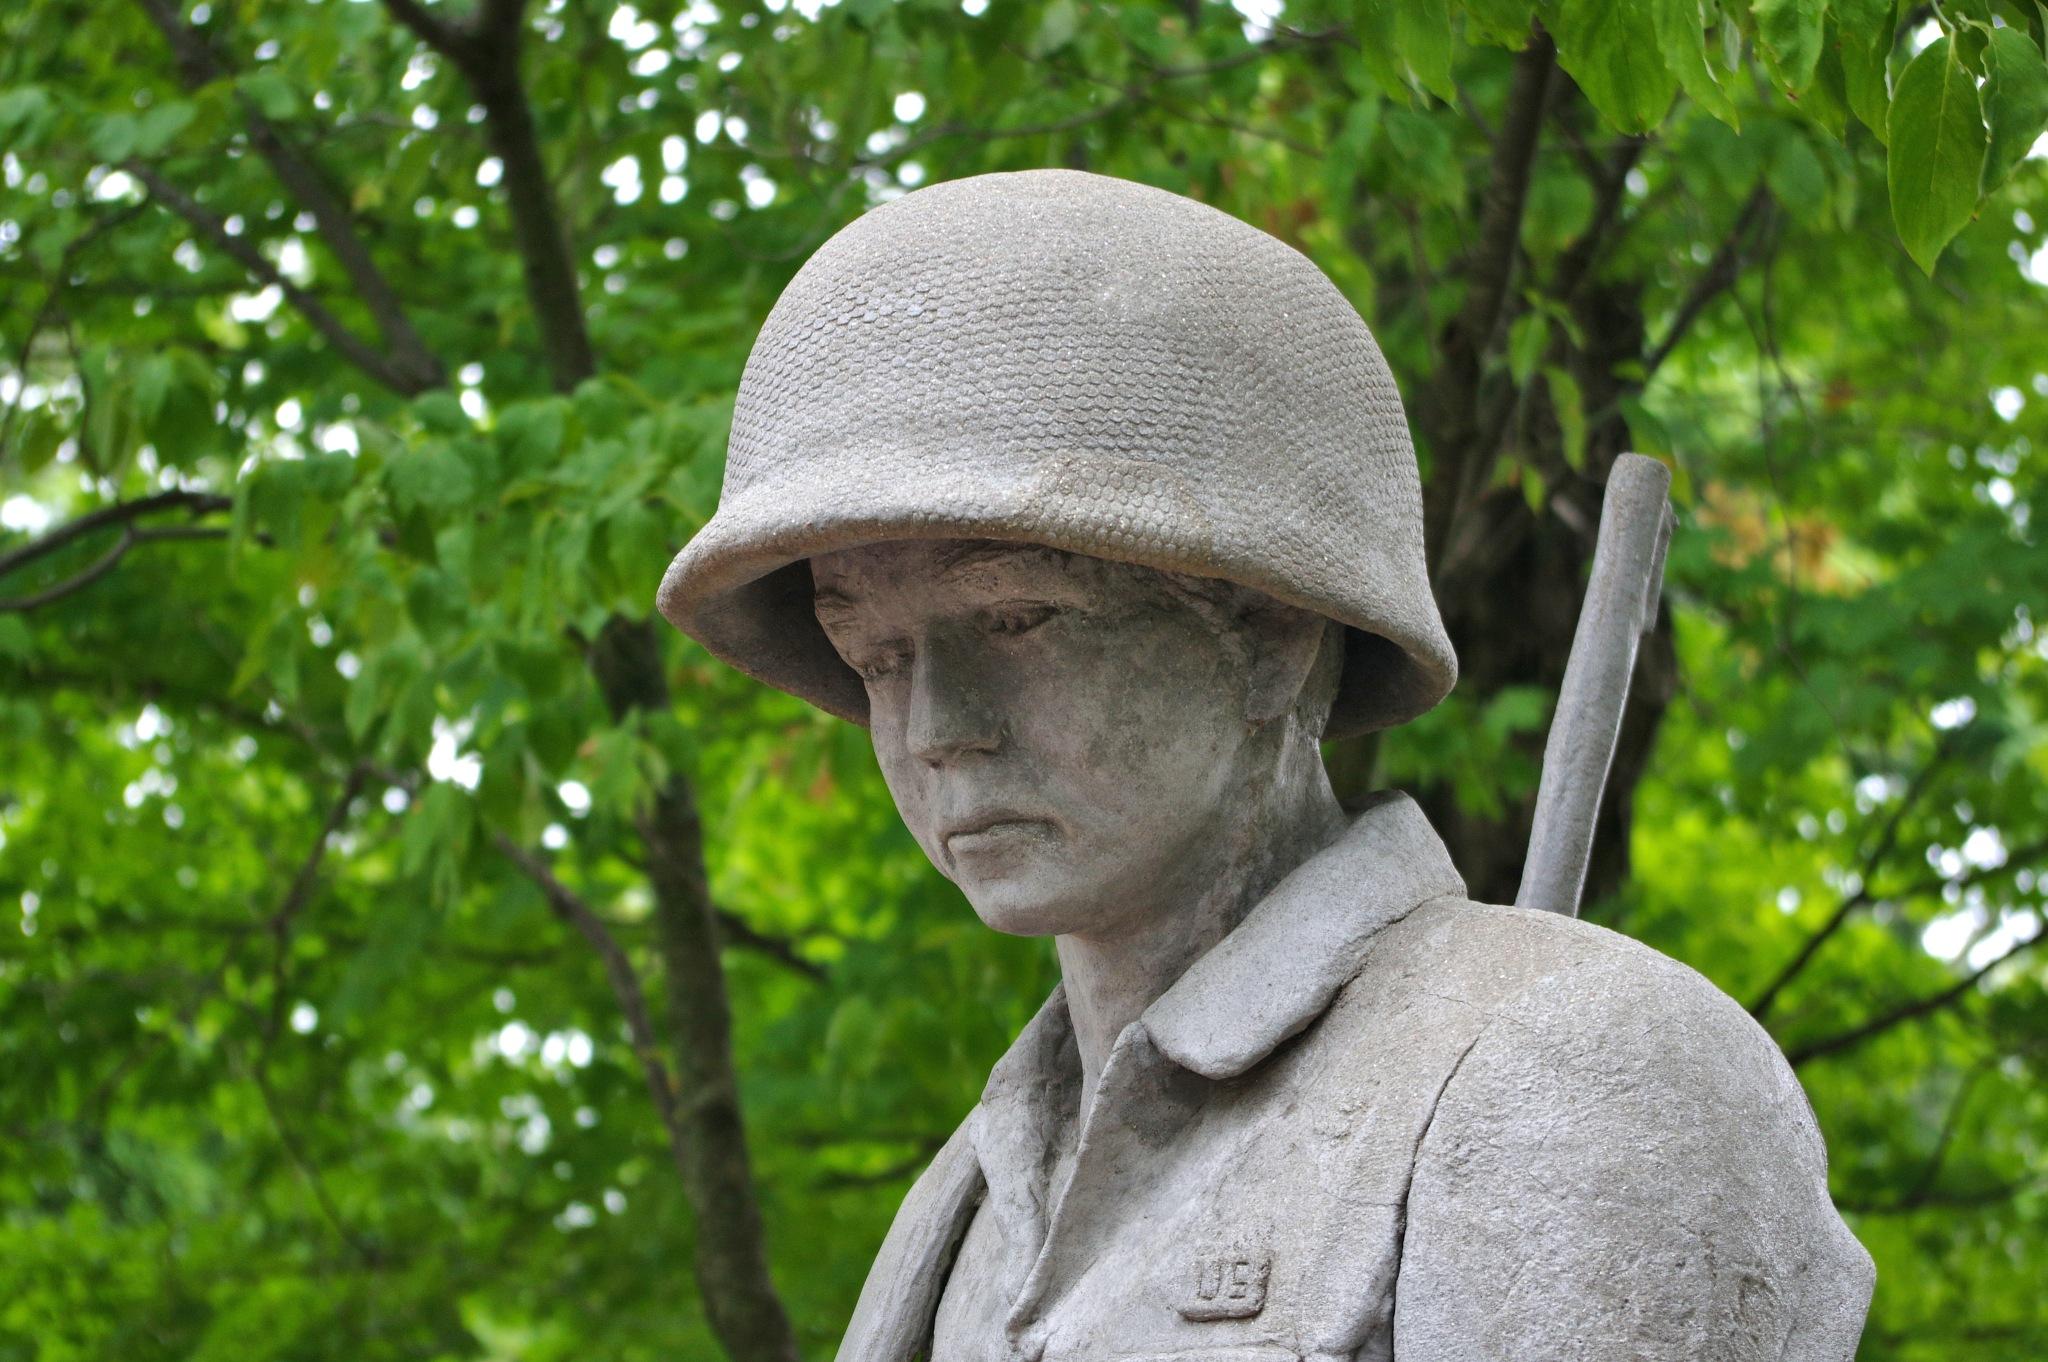 Soldier by chuckhildebrandt7